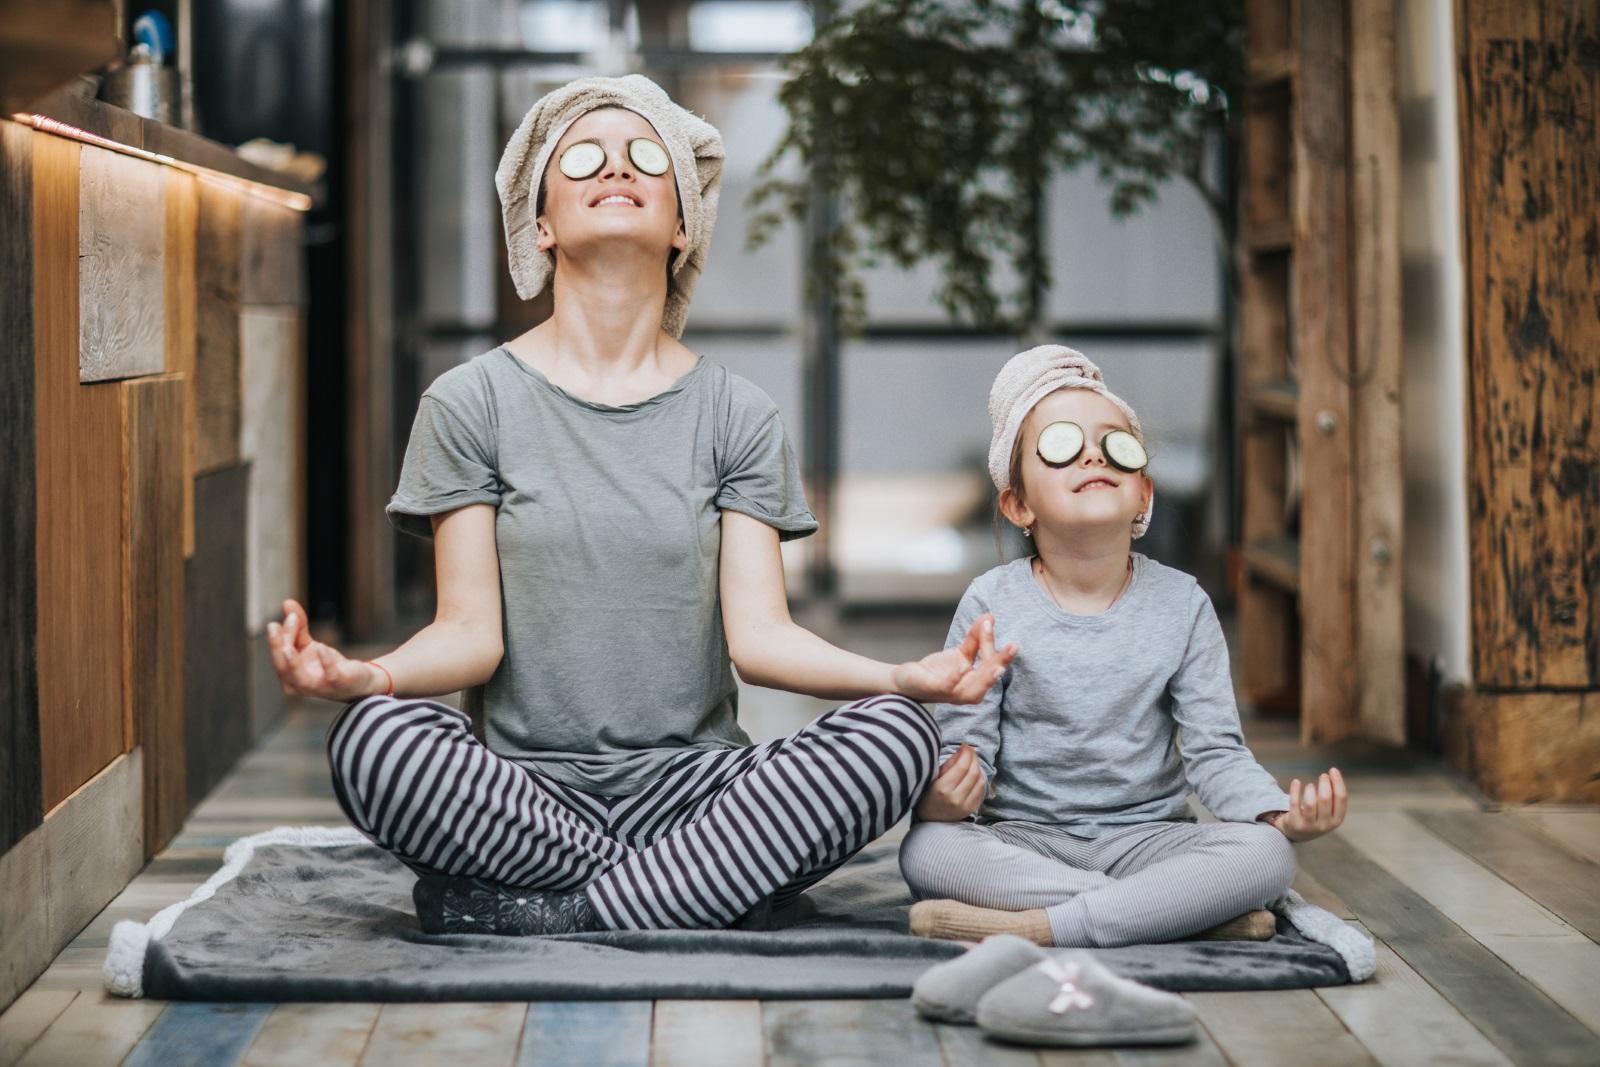 Детето Везни<br /> Това дете по-скоро ще направи забележка на вас за външния ви вид, отколкото да допусне да не изглежда добре. Независимо как вие виждате ситуацията, детето Везни ще е отчело външния си вид за разлика от много други представители в ранното детство. Създаването на приятелства и хармонията в отношенията са жизнено важни за утвърждаването на тези деца, които много често виждат себе си през очите на другите. Помогнете им да се сприятелят със себе си и да знаят, че има моменти, в които най-много трябва да се осланят на своя глас.